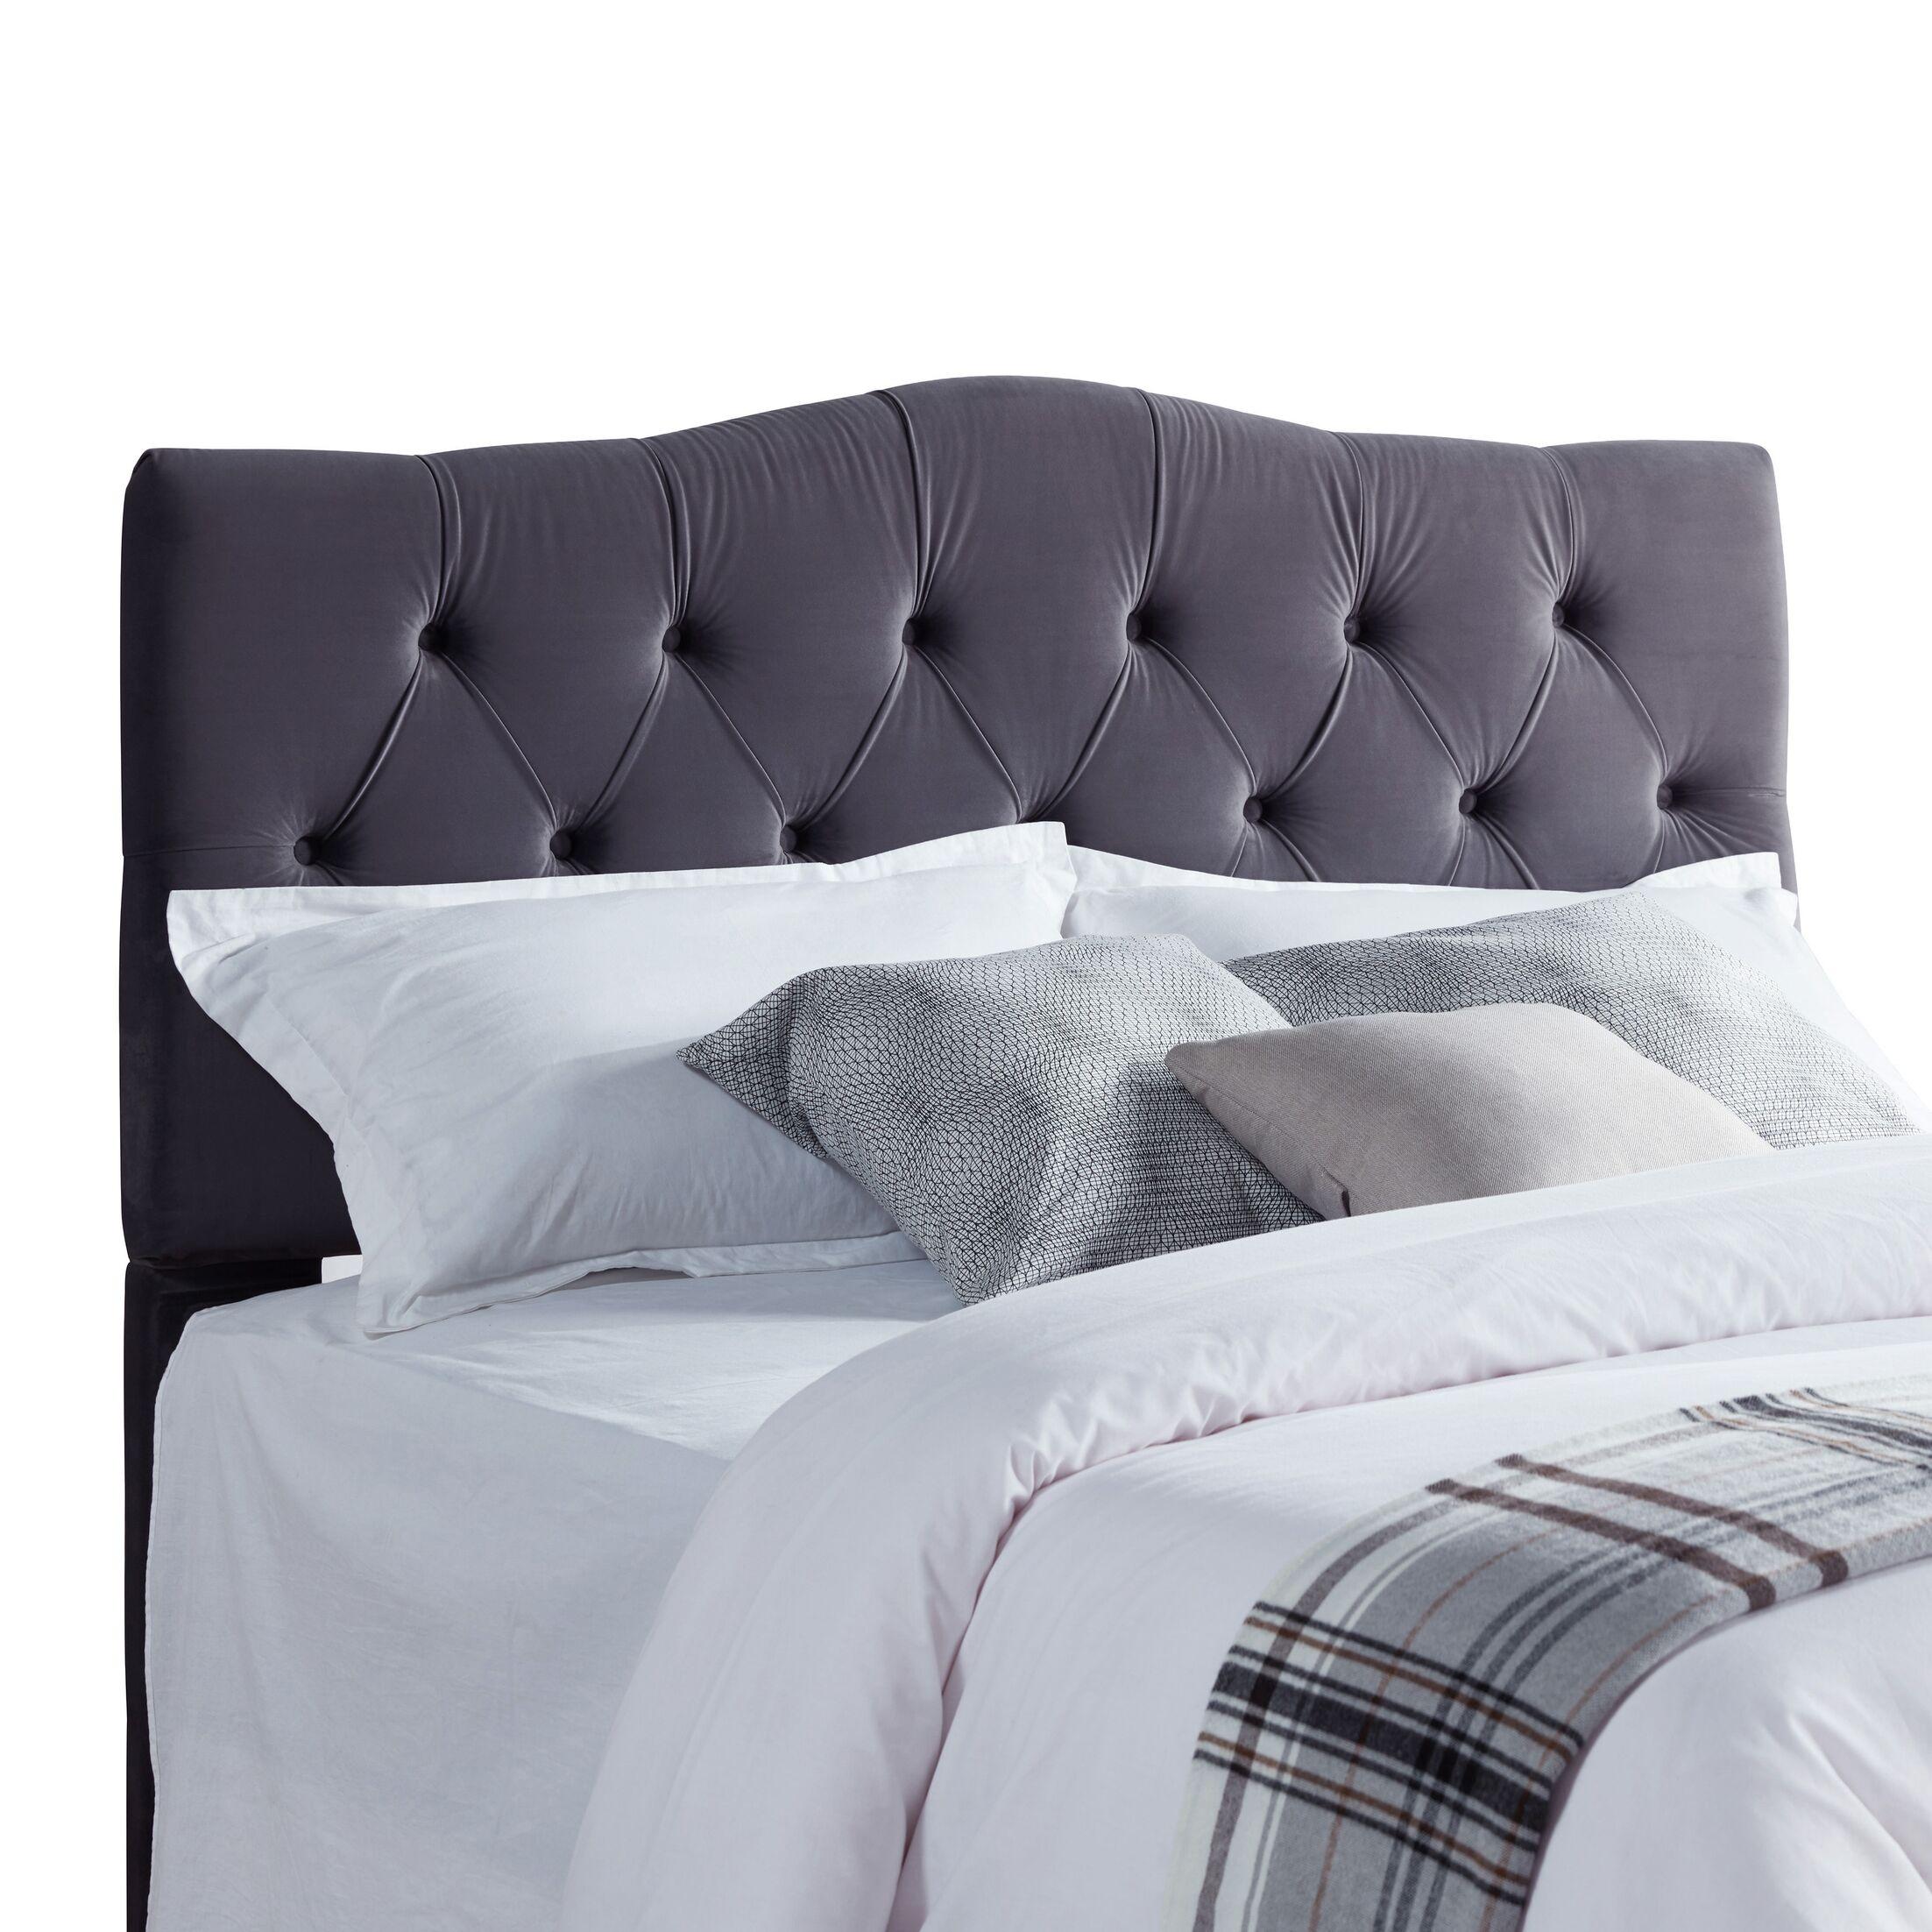 Seo Upholstered Panel Headboard Upholstery: Gray Velvet, Size: King/California King